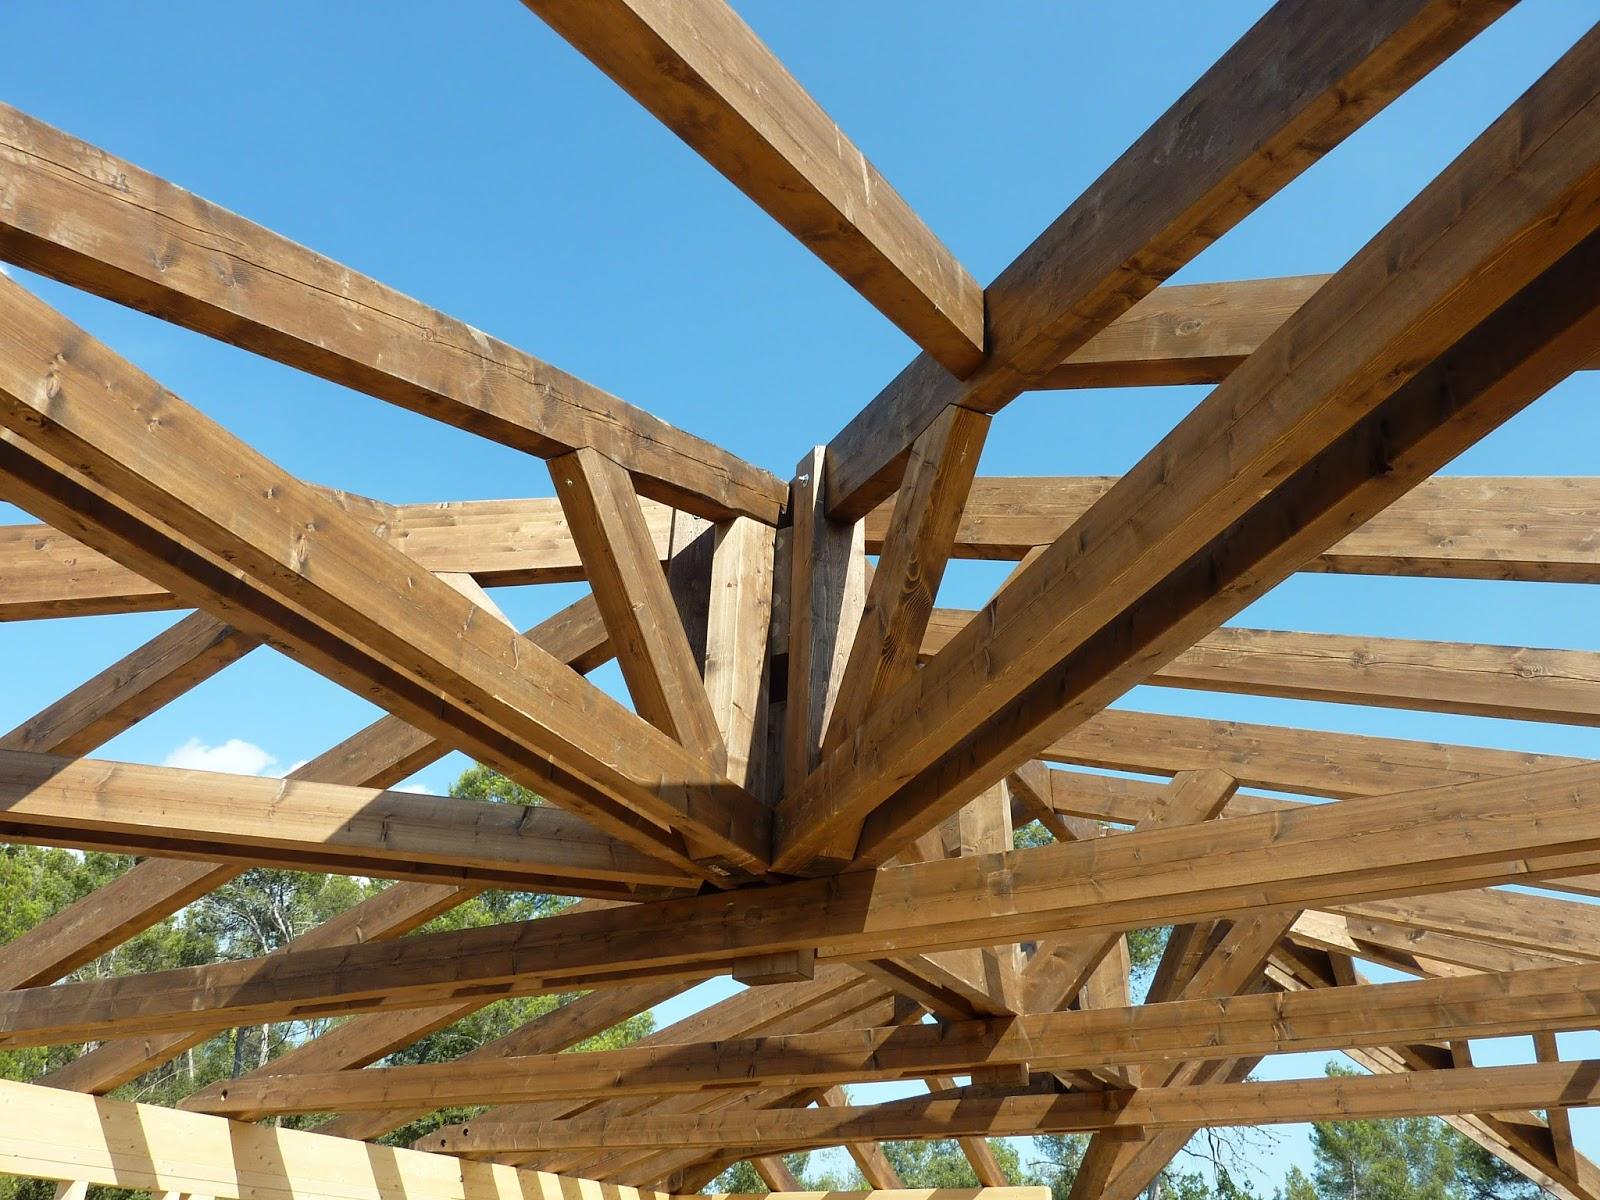 Neorustica s l agosto 2016 - Casas de madera laminada ...